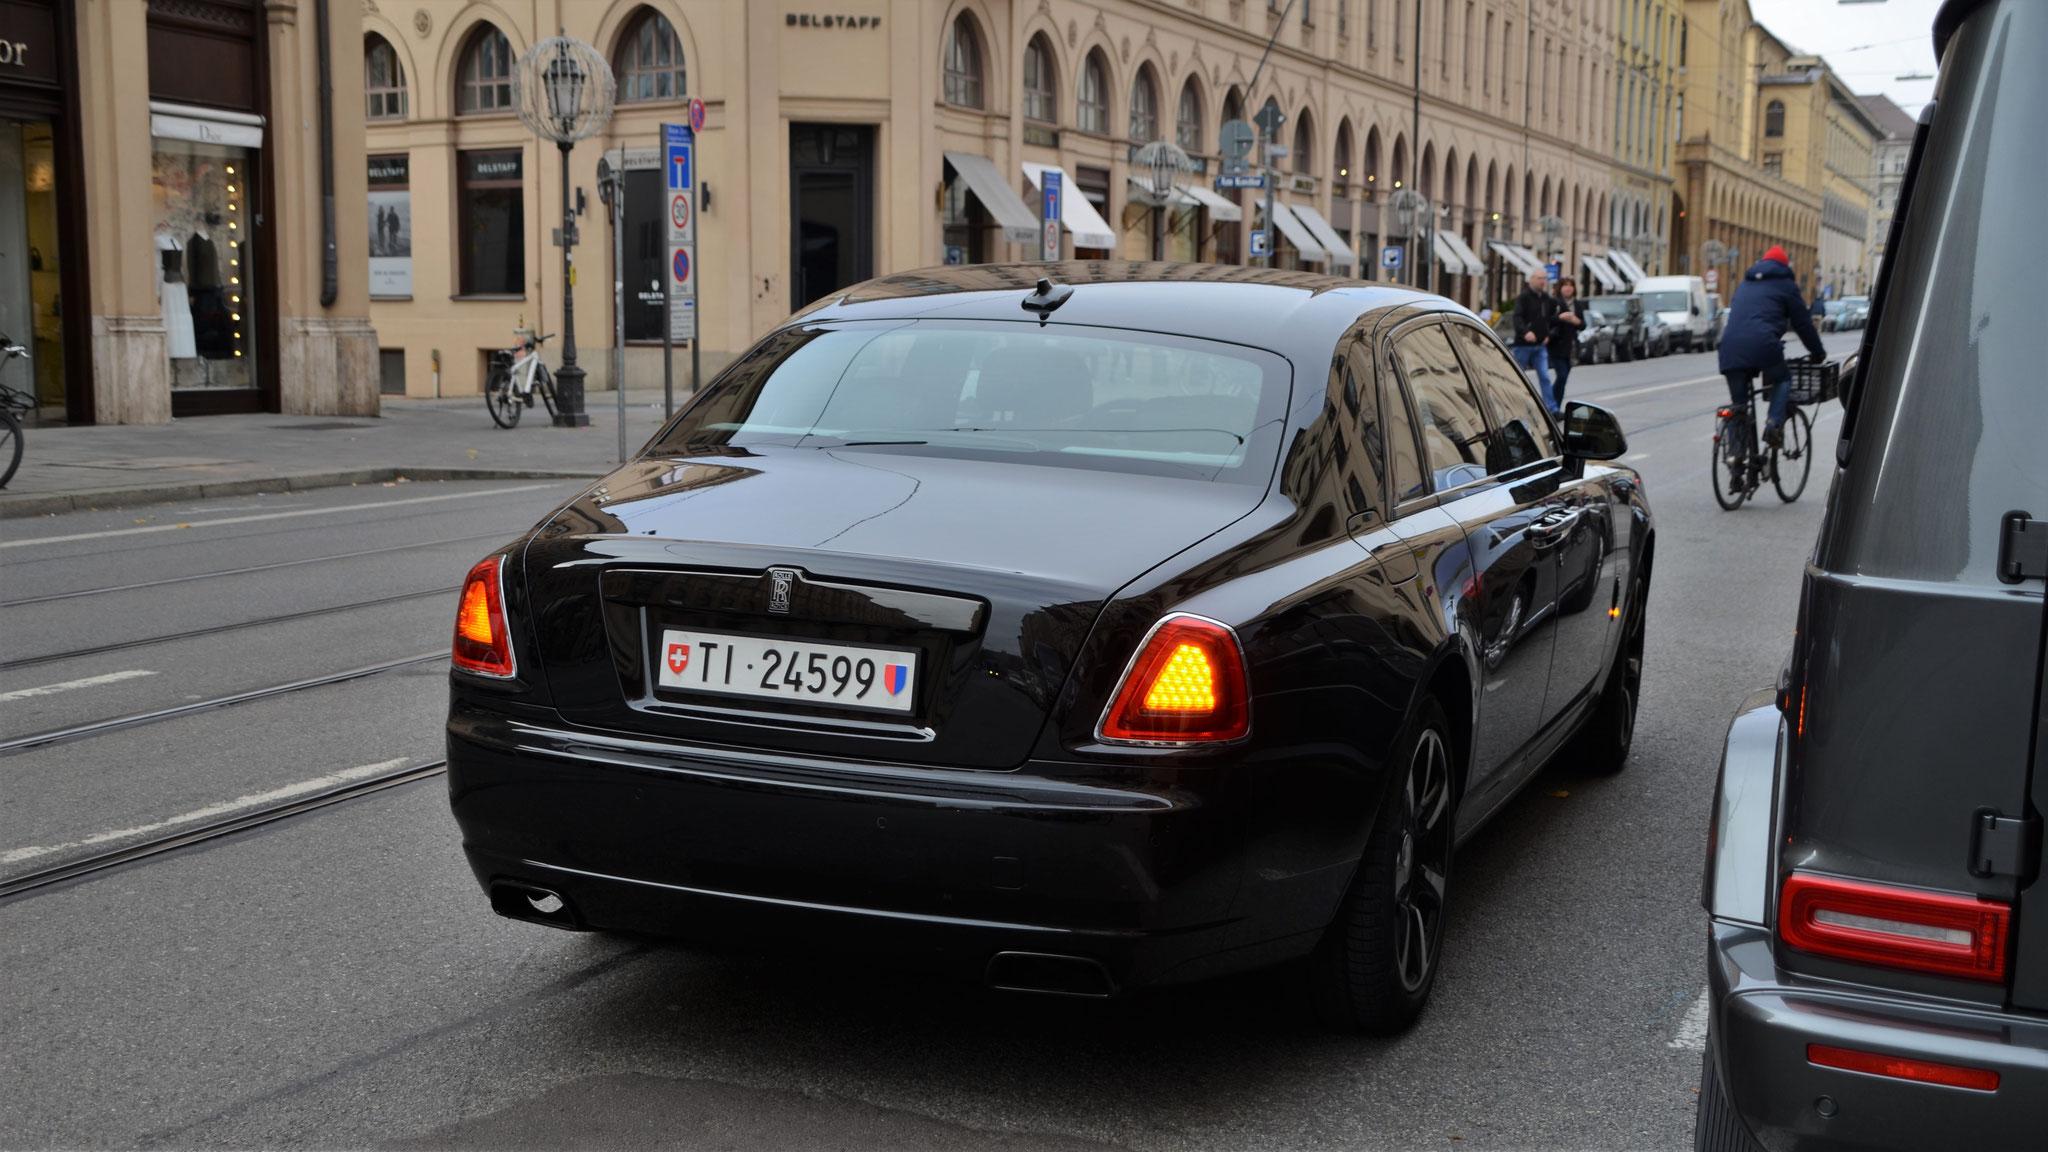 Rolls Royce Ghost Series II - TI-24599